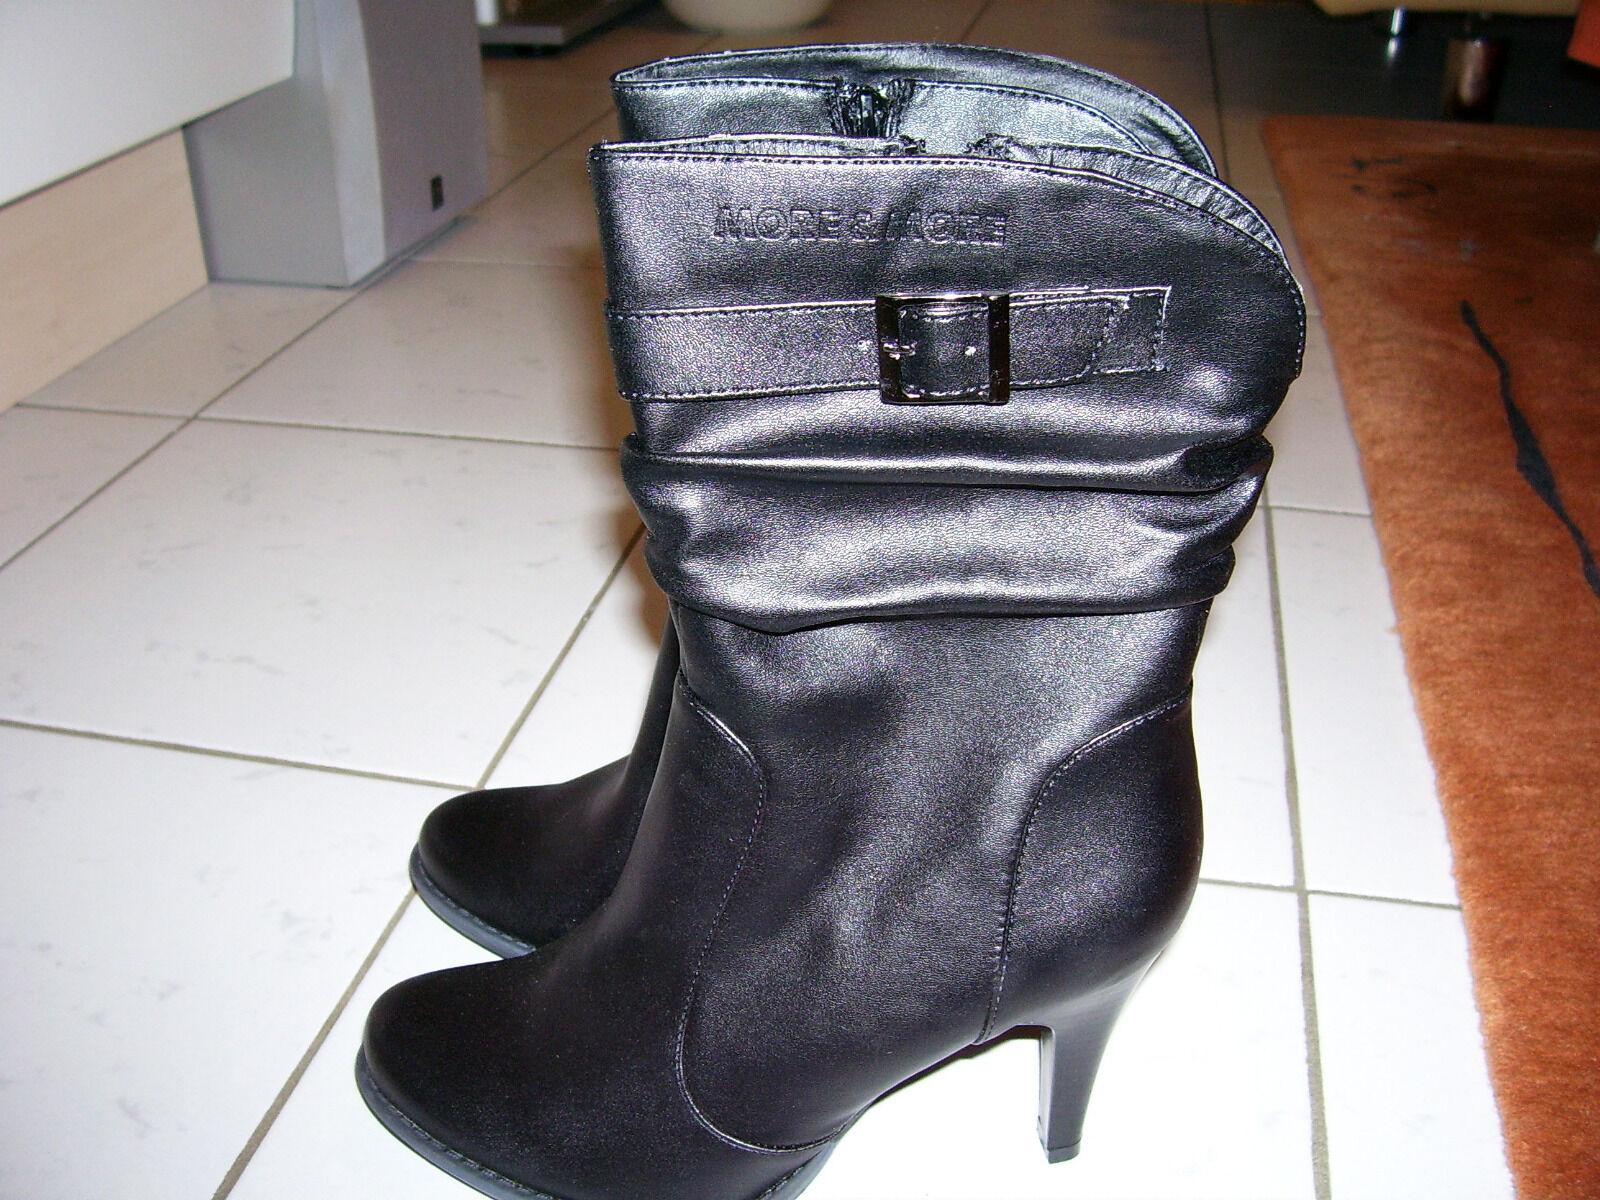 info for 34c8d 36d49 ... Men s Nike NikeLab Lupinek Flyknit ACG ACG ACG SFB Boots 826077-002  Black White 9.5 ...